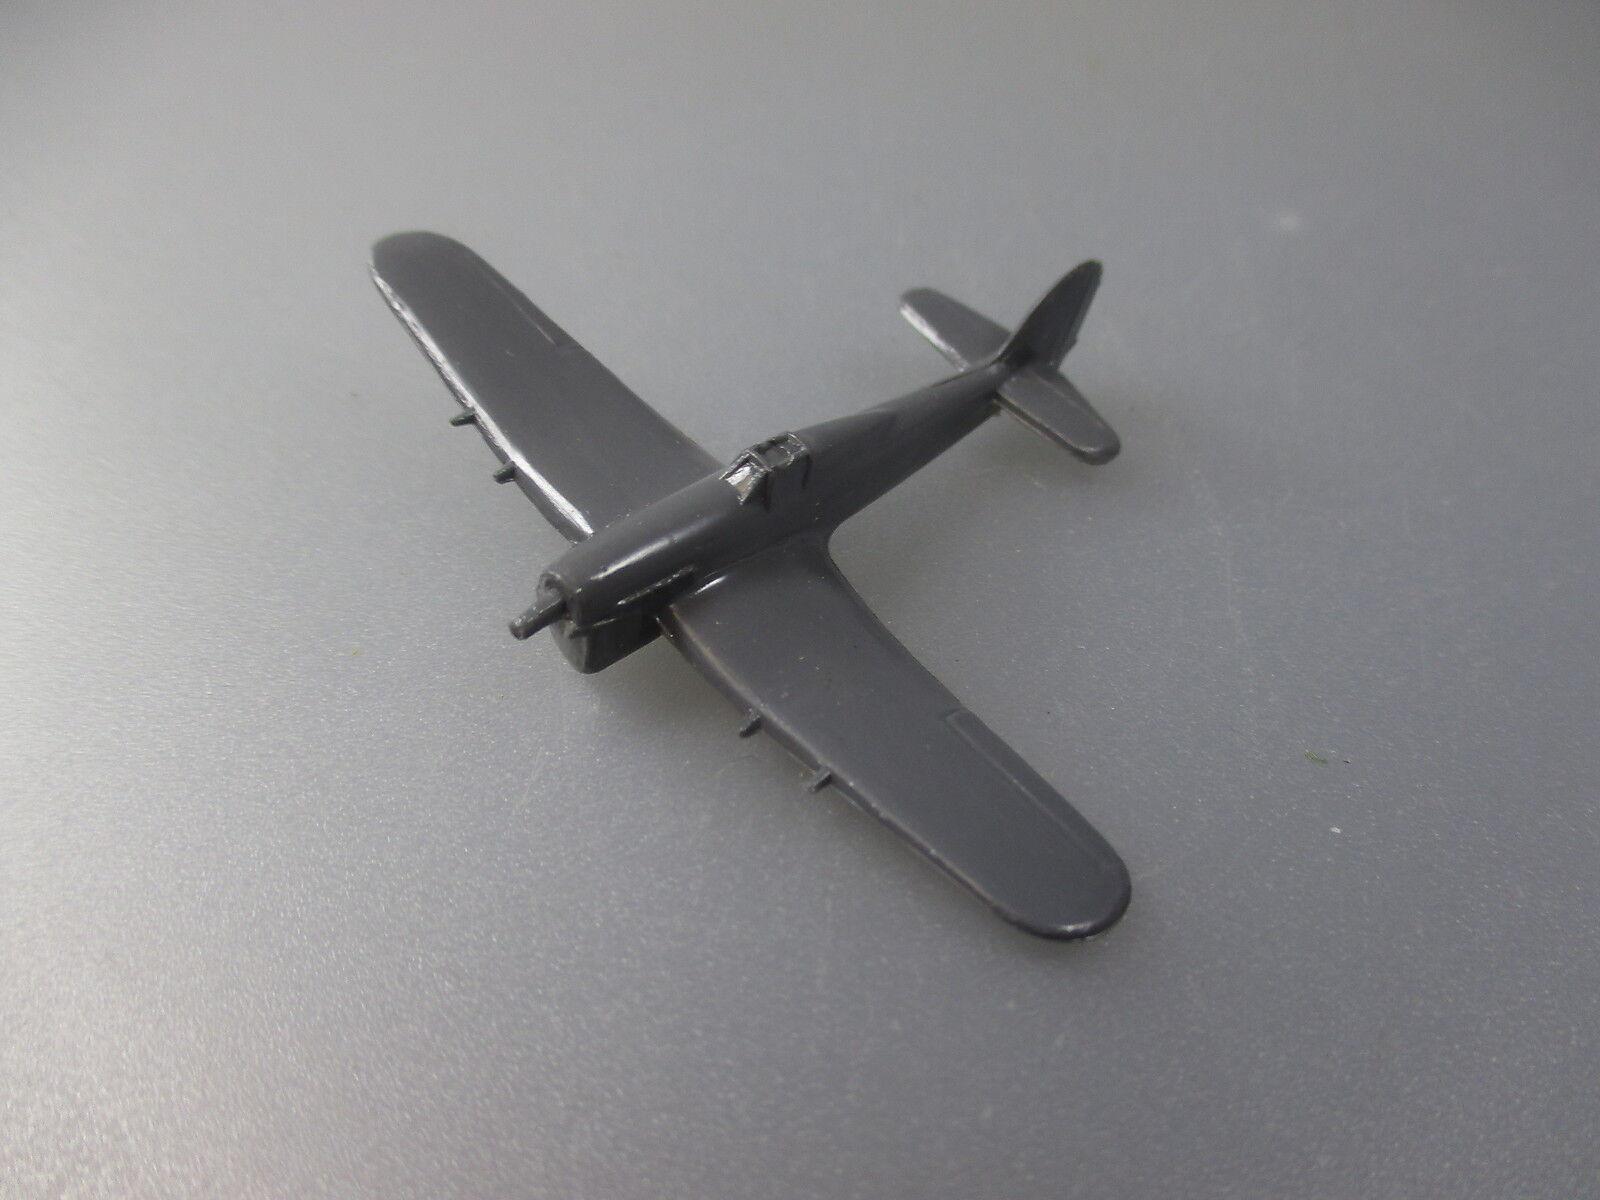 Wiking: aereo Inghilterra e23, Grigio scuro, raramente (recidiva 11)